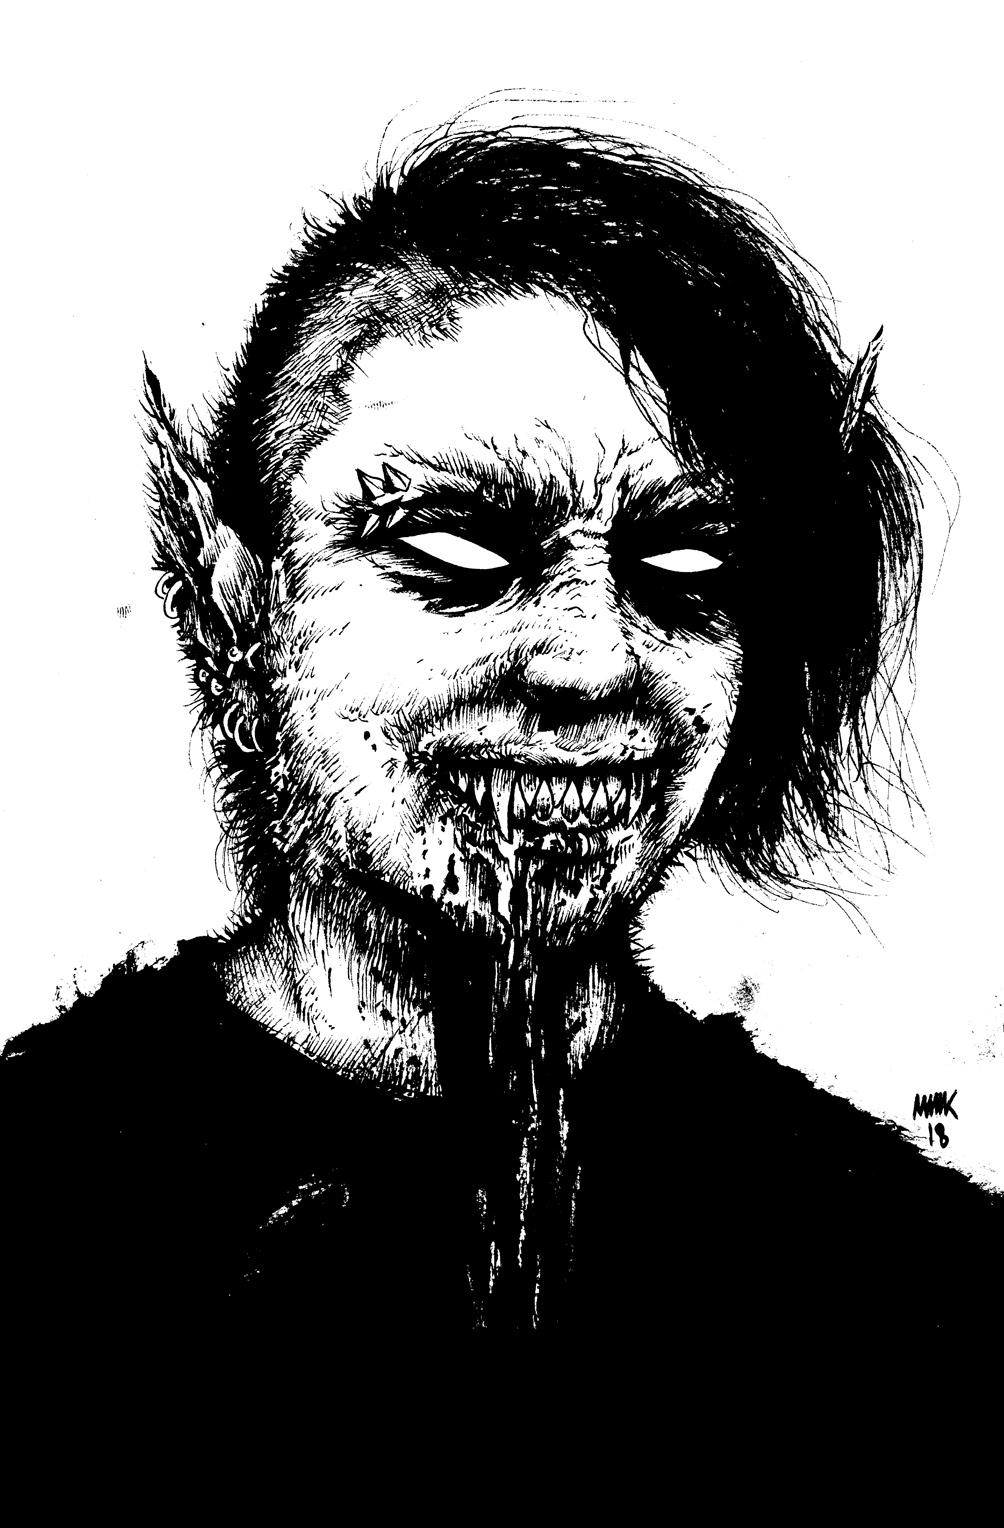 amanda-monster-portrait.jpg